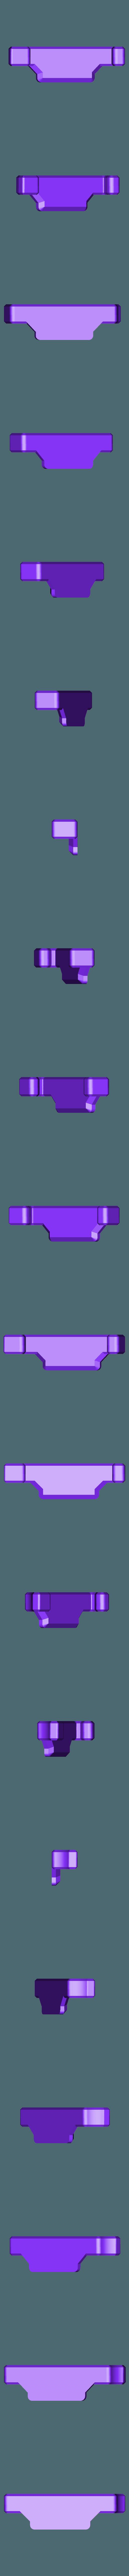 lock_65.stl Télécharger fichier STL gratuit Creality CR-10S Chaîne d'entraînement de câble de l'axe Y et décharge de traction • Design à imprimer en 3D, ZepTo